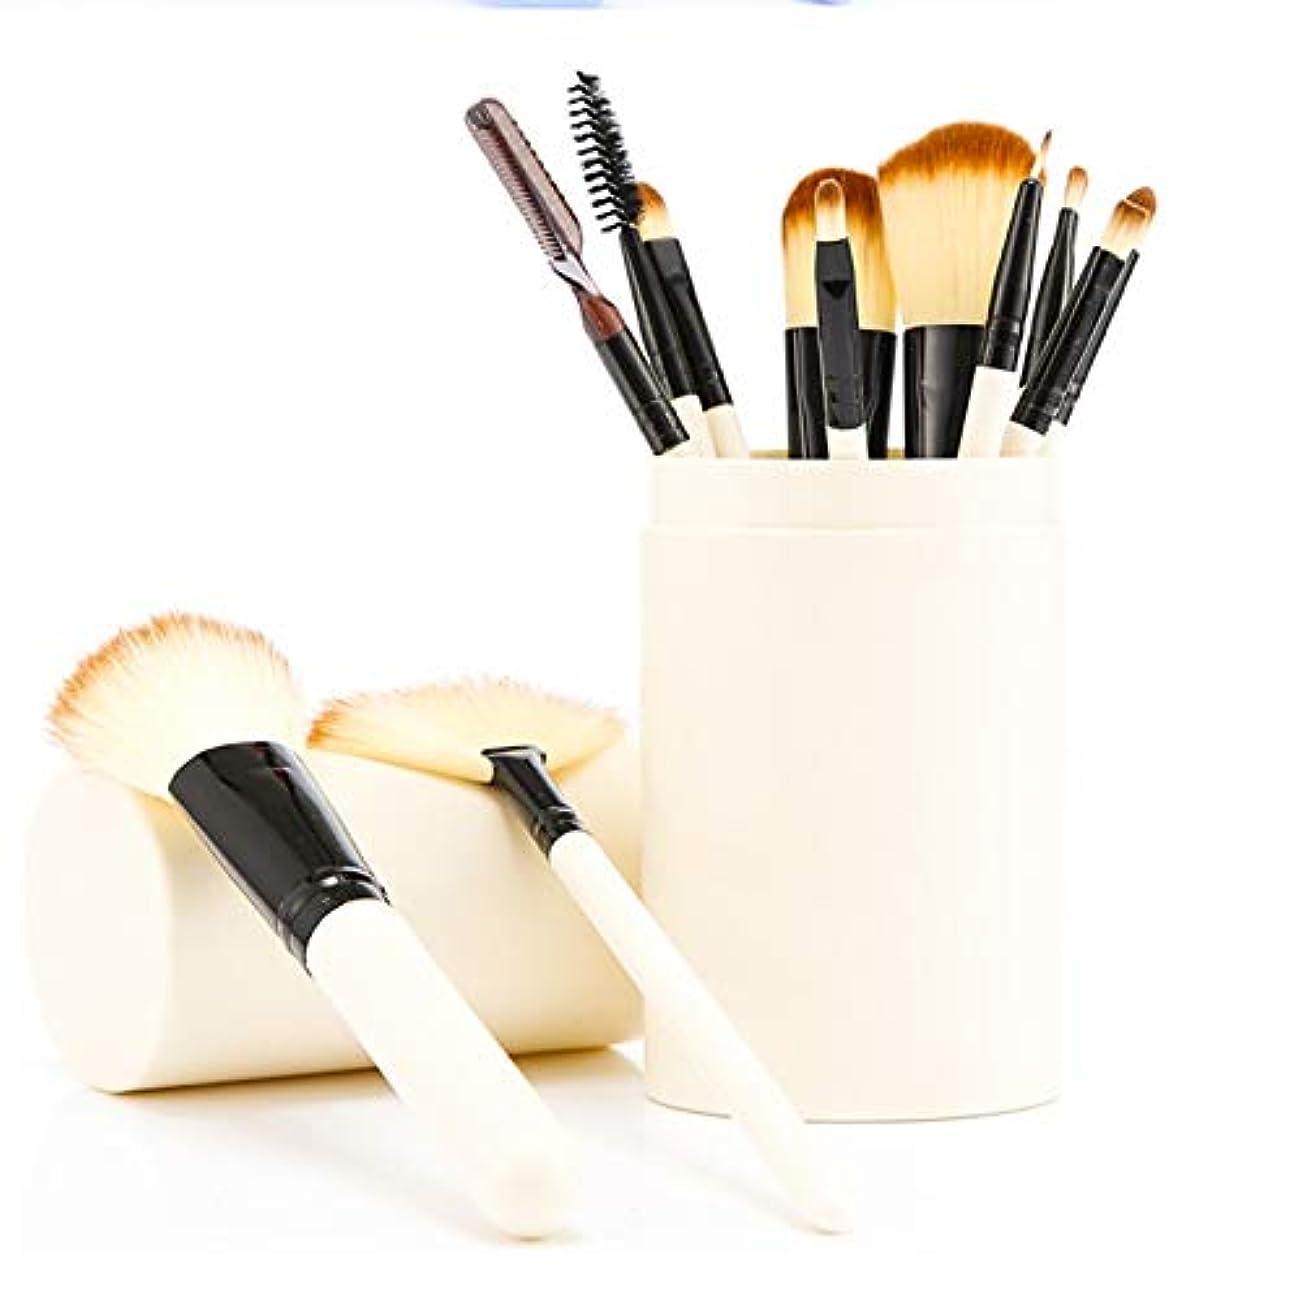 ランチョン気候信じるソフトで残酷のない合成繊維剛毛とローズゴールドのディテールが施された化粧ブラシセット12本のプロフェッショナルな化粧ブラシ - エレガントなPUレザーポーチが含まれています (Color : Natural)